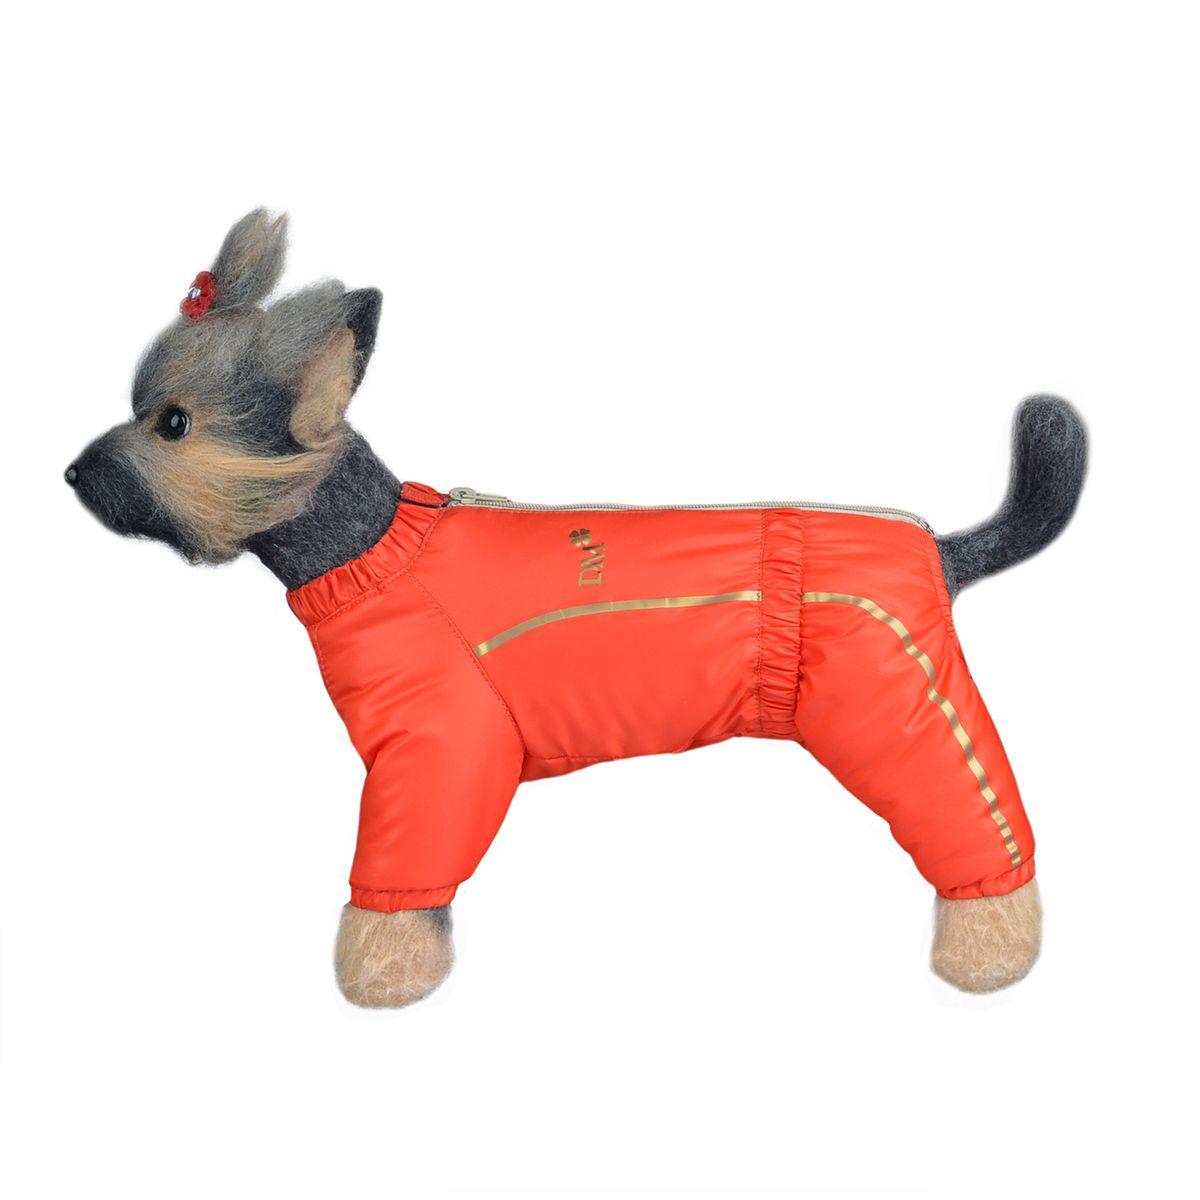 Комбинезон для собак Dogmoda Альпы, зимний, для девочки, цвет: оранжевый. Размер 1 (S)DM-150349-1_оранжевыйЗимний комбинезон для собак Dogmoda Альпы отлично подойдет для прогулок в зимнее время года. Комбинезон изготовлен из полиэстера, защищающего от ветра и снега, с утеплителем из синтепона, который сохранит тепло даже в сильные морозы, а на подкладке используется искусственный мех, который обеспечивает отличный воздухообмен. Комбинезон застегивается на молнию и липучку, благодаря чему его легко надевать и снимать. Ворот, низ рукавов и брючин оснащены внутренними резинками, которые мягко обхватывают шею и лапки, не позволяя просачиваться холодному воздуху. На пояснице имеется внутренняя резинка. Изделие декорировано бежевыми полосками и надписью DM. Благодаря такому комбинезону простуда не грозит вашему питомцу и он сможет испытать не сравнимое удовольствие от снежных игр и забав. Длина по спинке: 20 см. Объем груди: 33 см. Обхват шеи: 21 см.